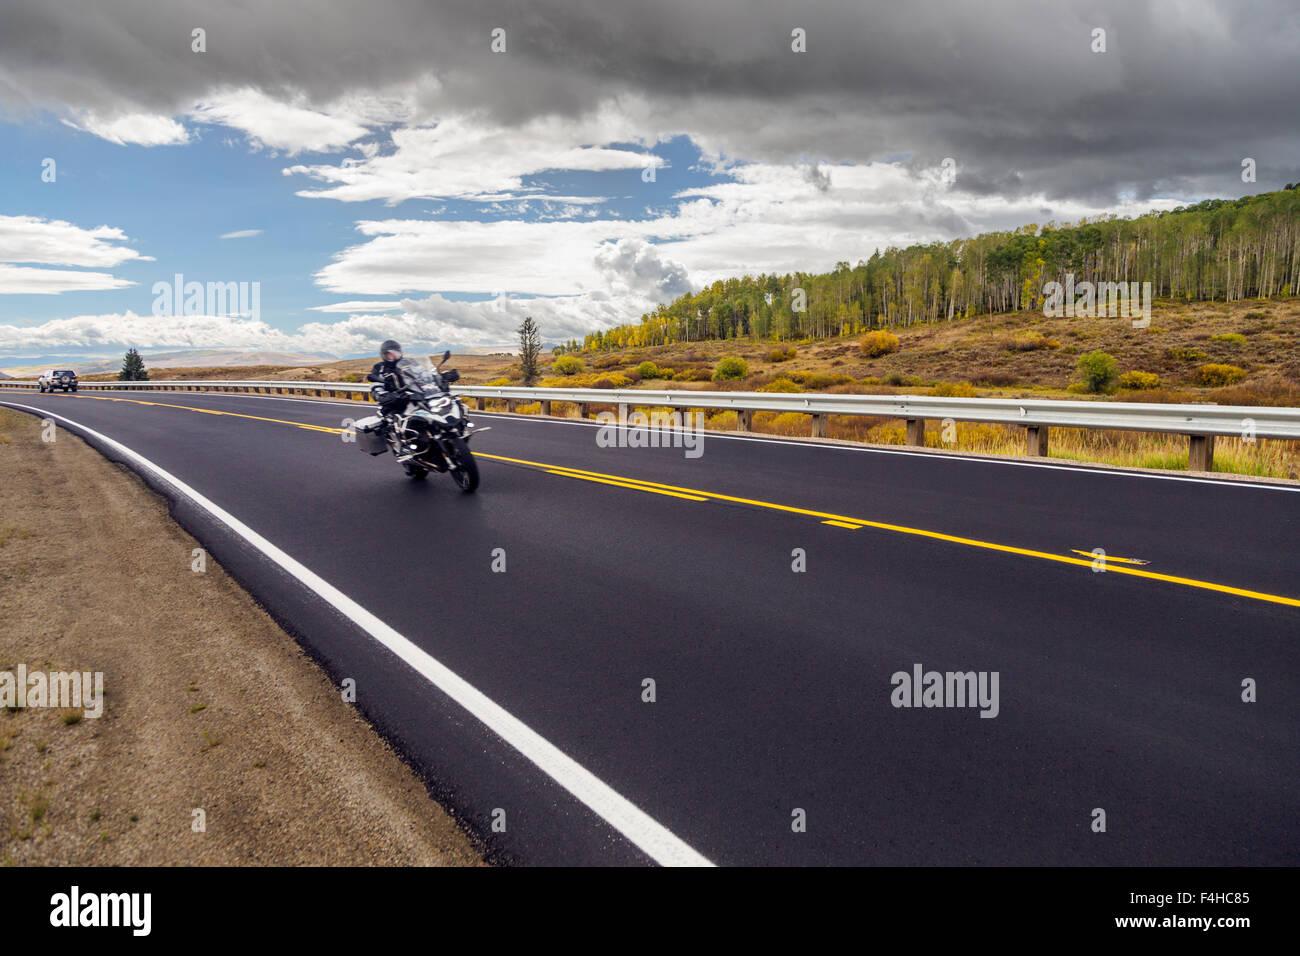 Pilote moto sur route pavée; l'autoroute 40 Nord; le centre du Colorado, USA Photo Stock